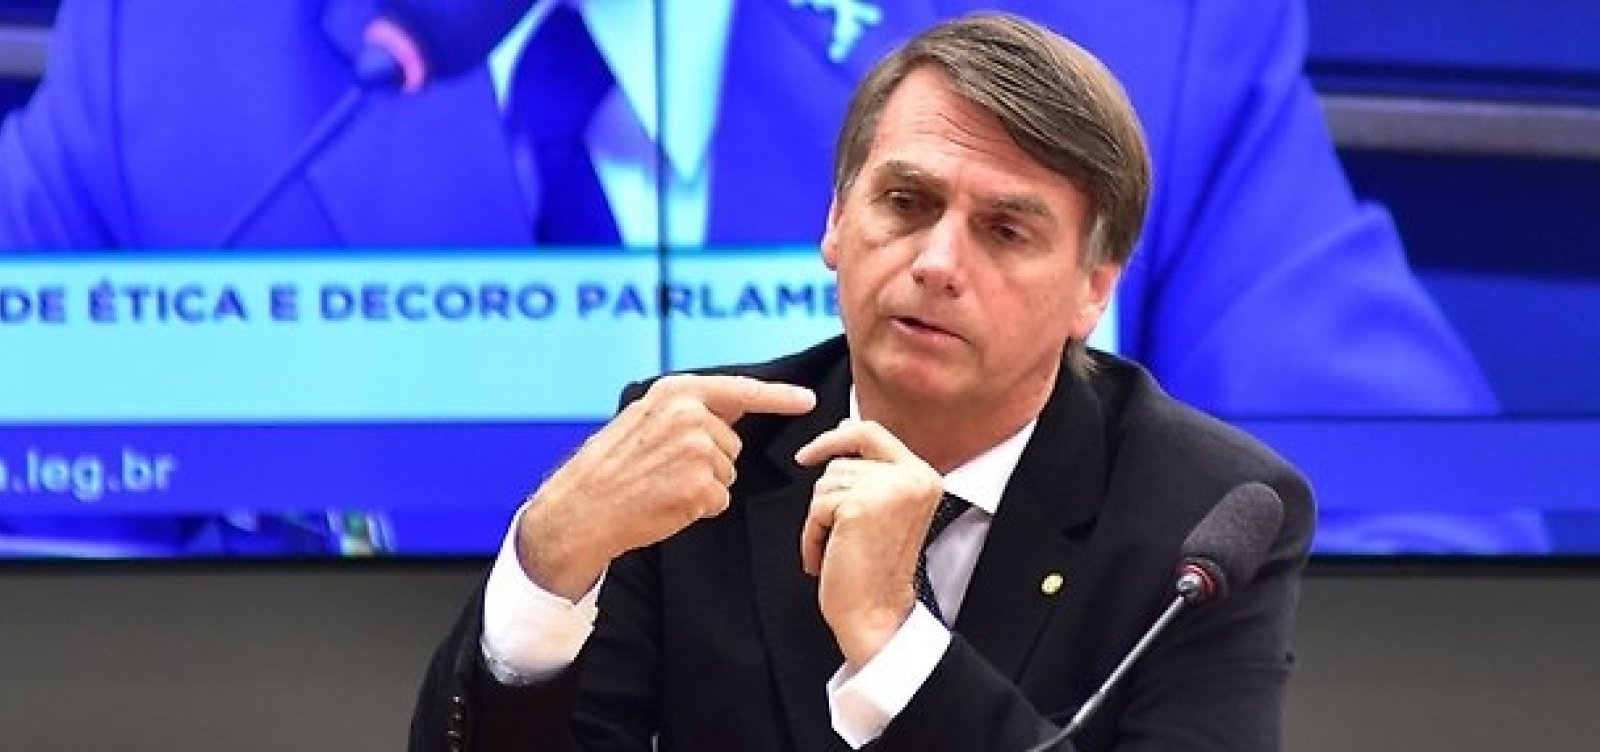 Bolsonaro pretende participar de debates para se consolidar como candidato antipetista